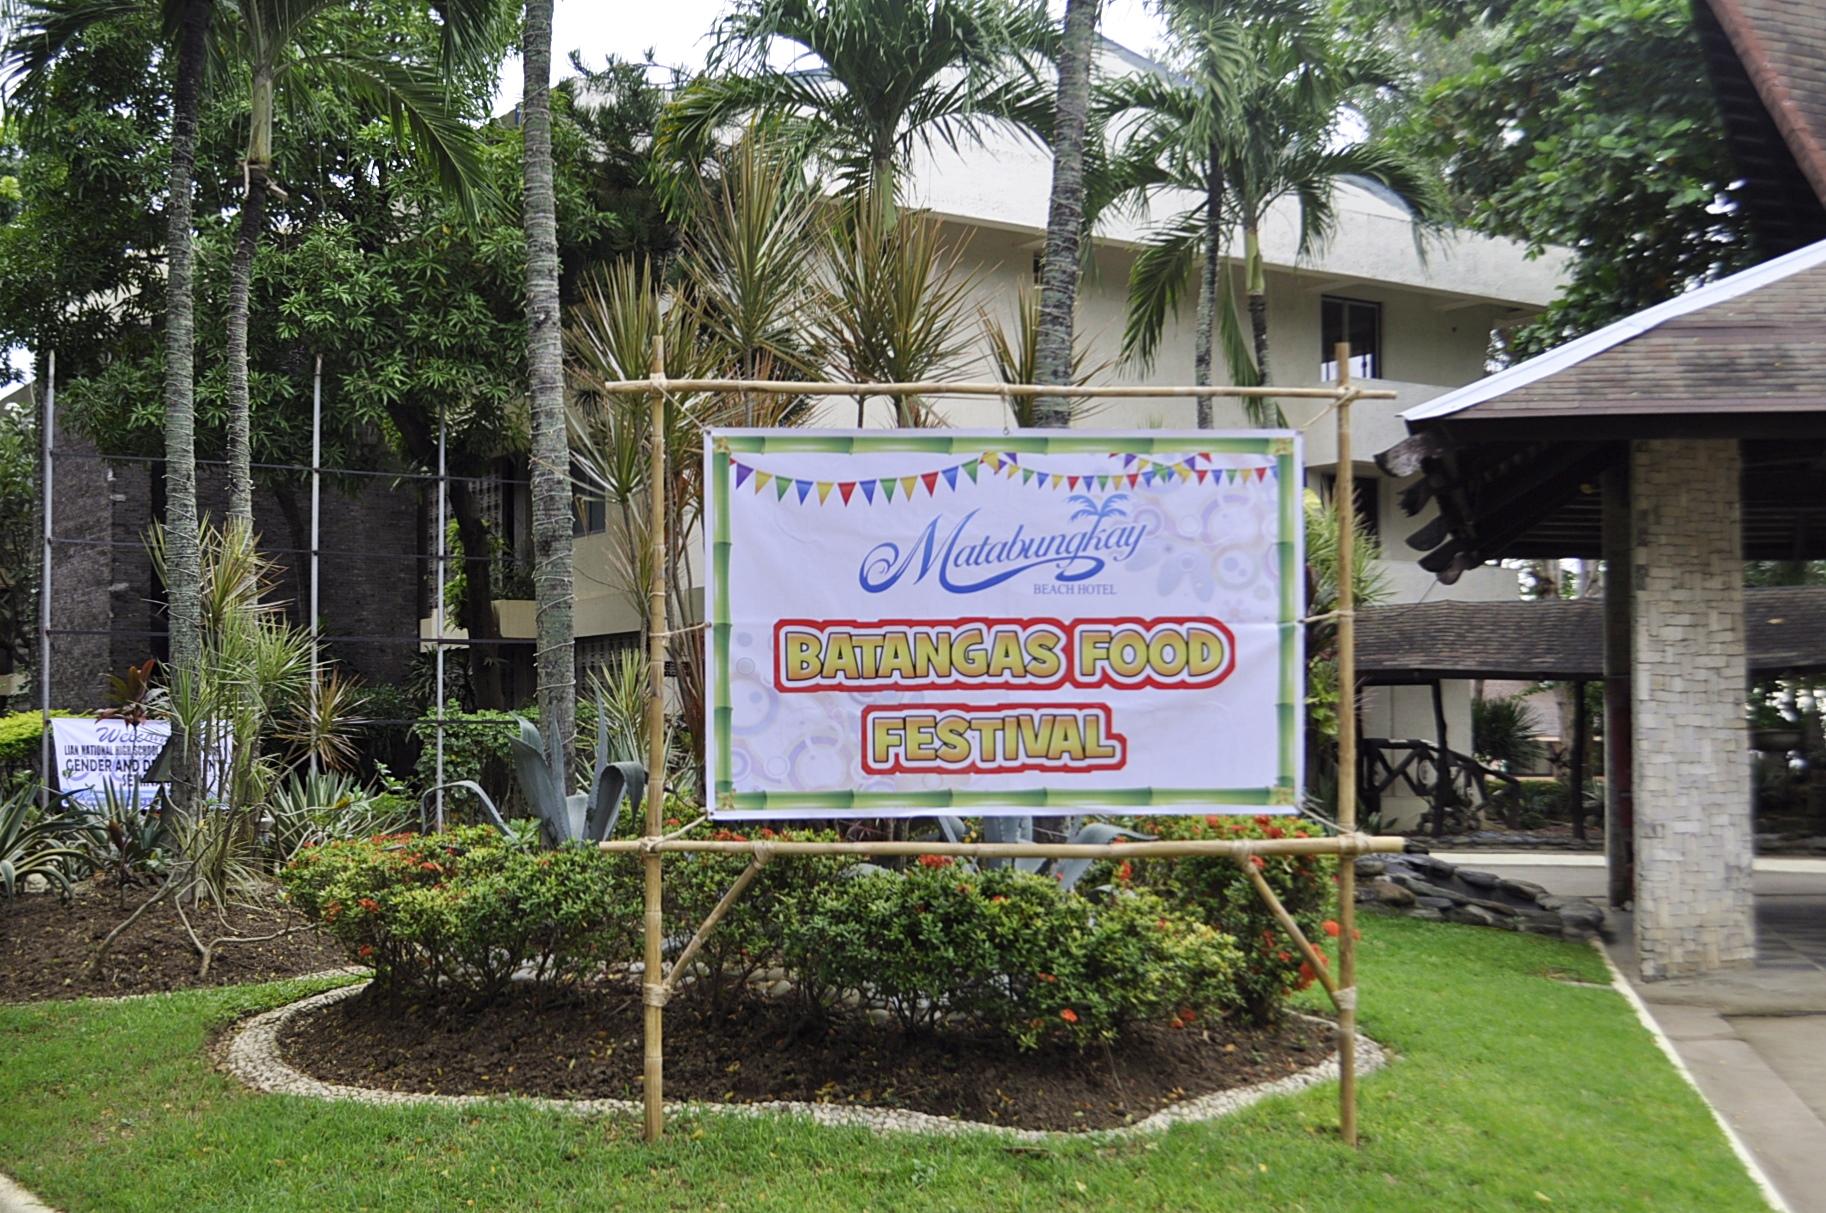 Matabungkay Beach Hotel's Batangas Food Festival